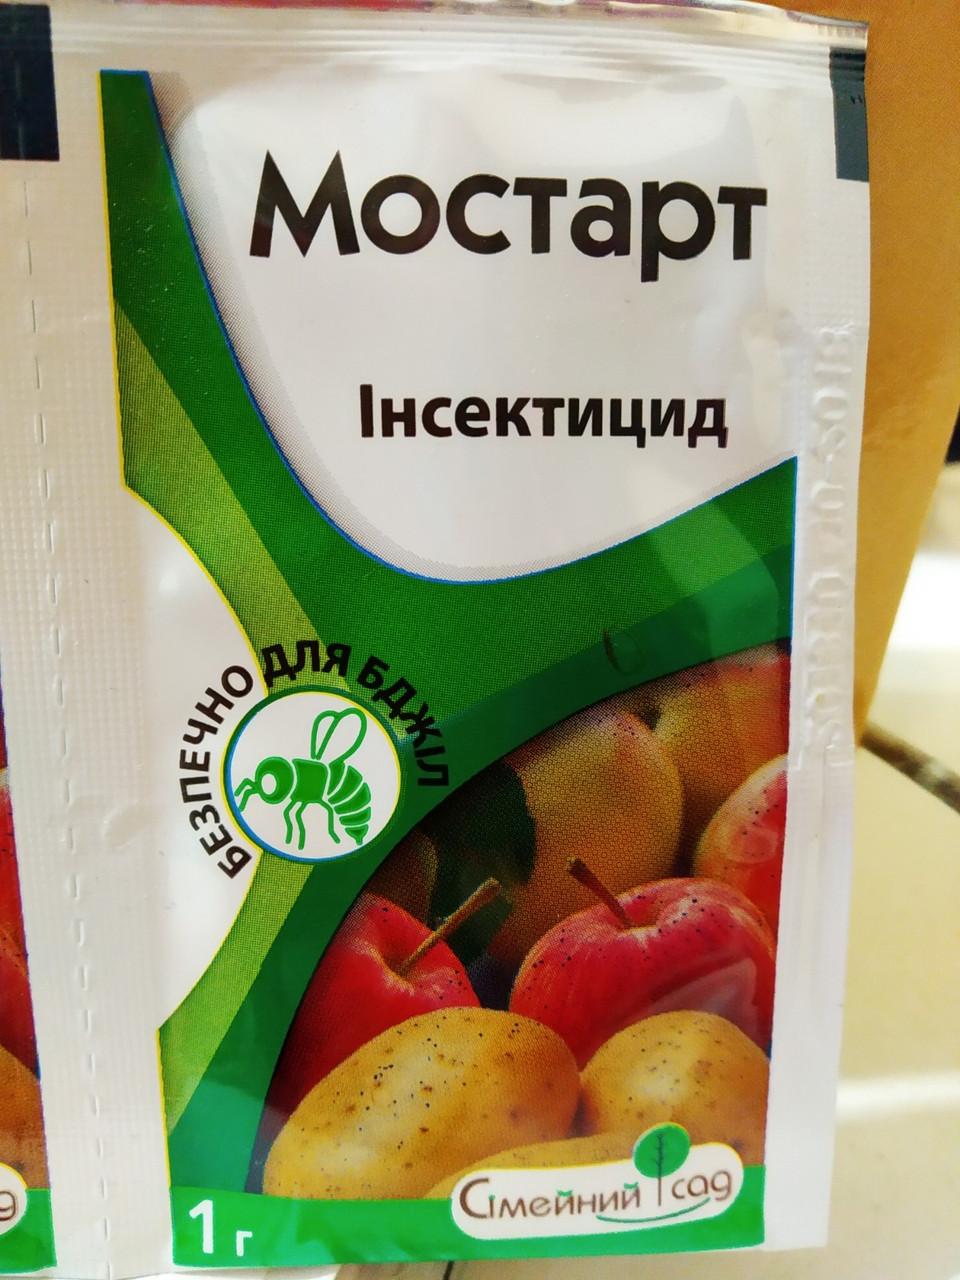 Системный инсектицид контактно-кишечного действия Мостарт 1 г на 5-8 л для сада против, Семейный Сад, Украина